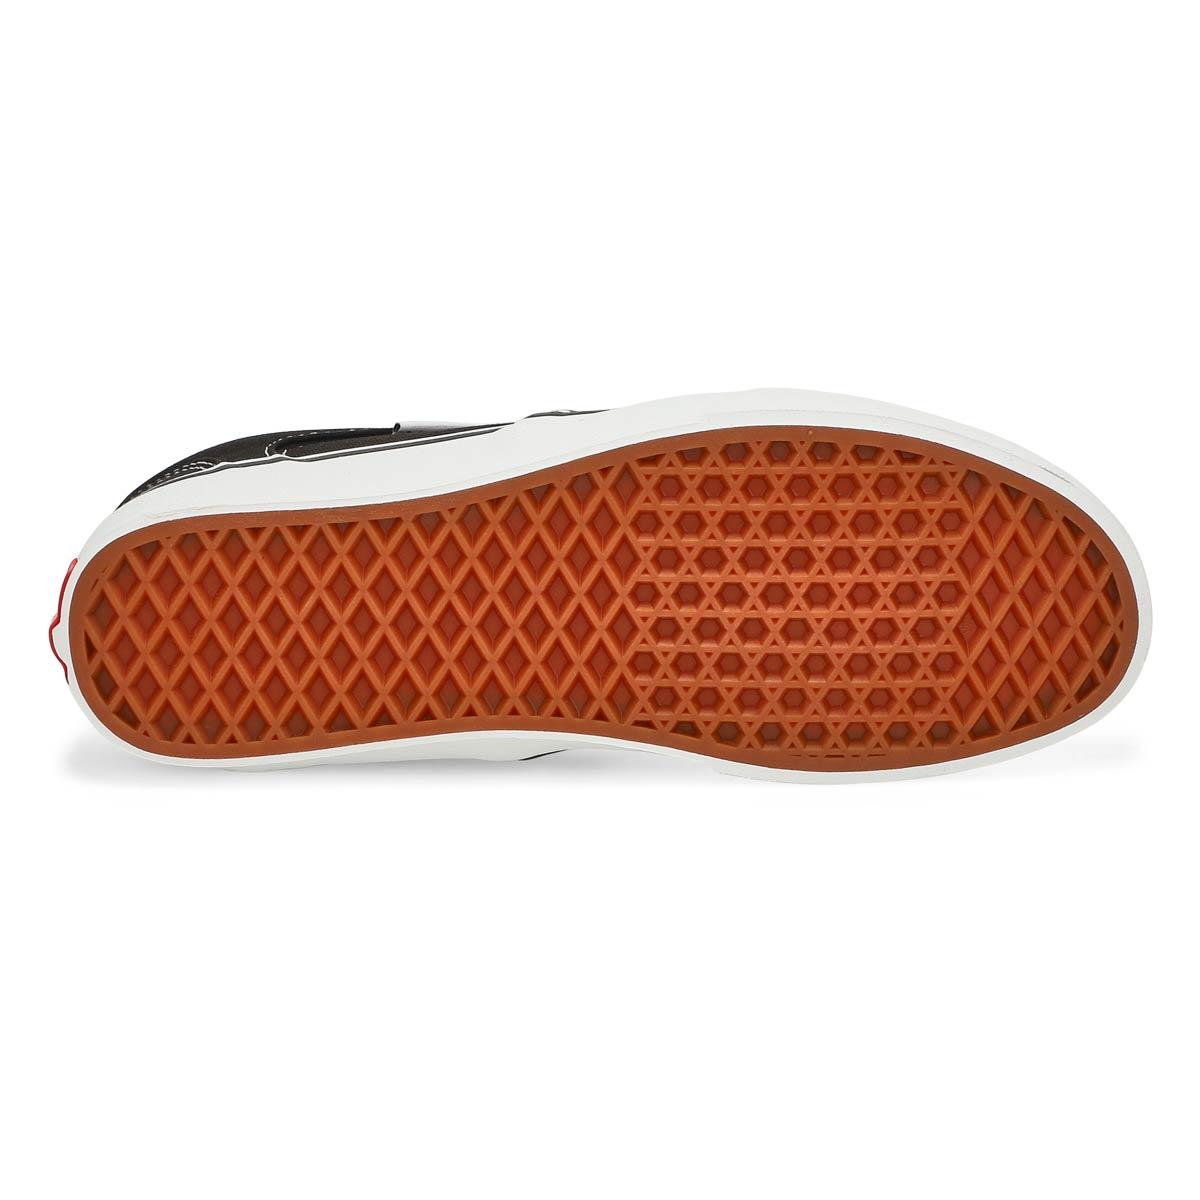 Men's Asher Sneaker - Black/White